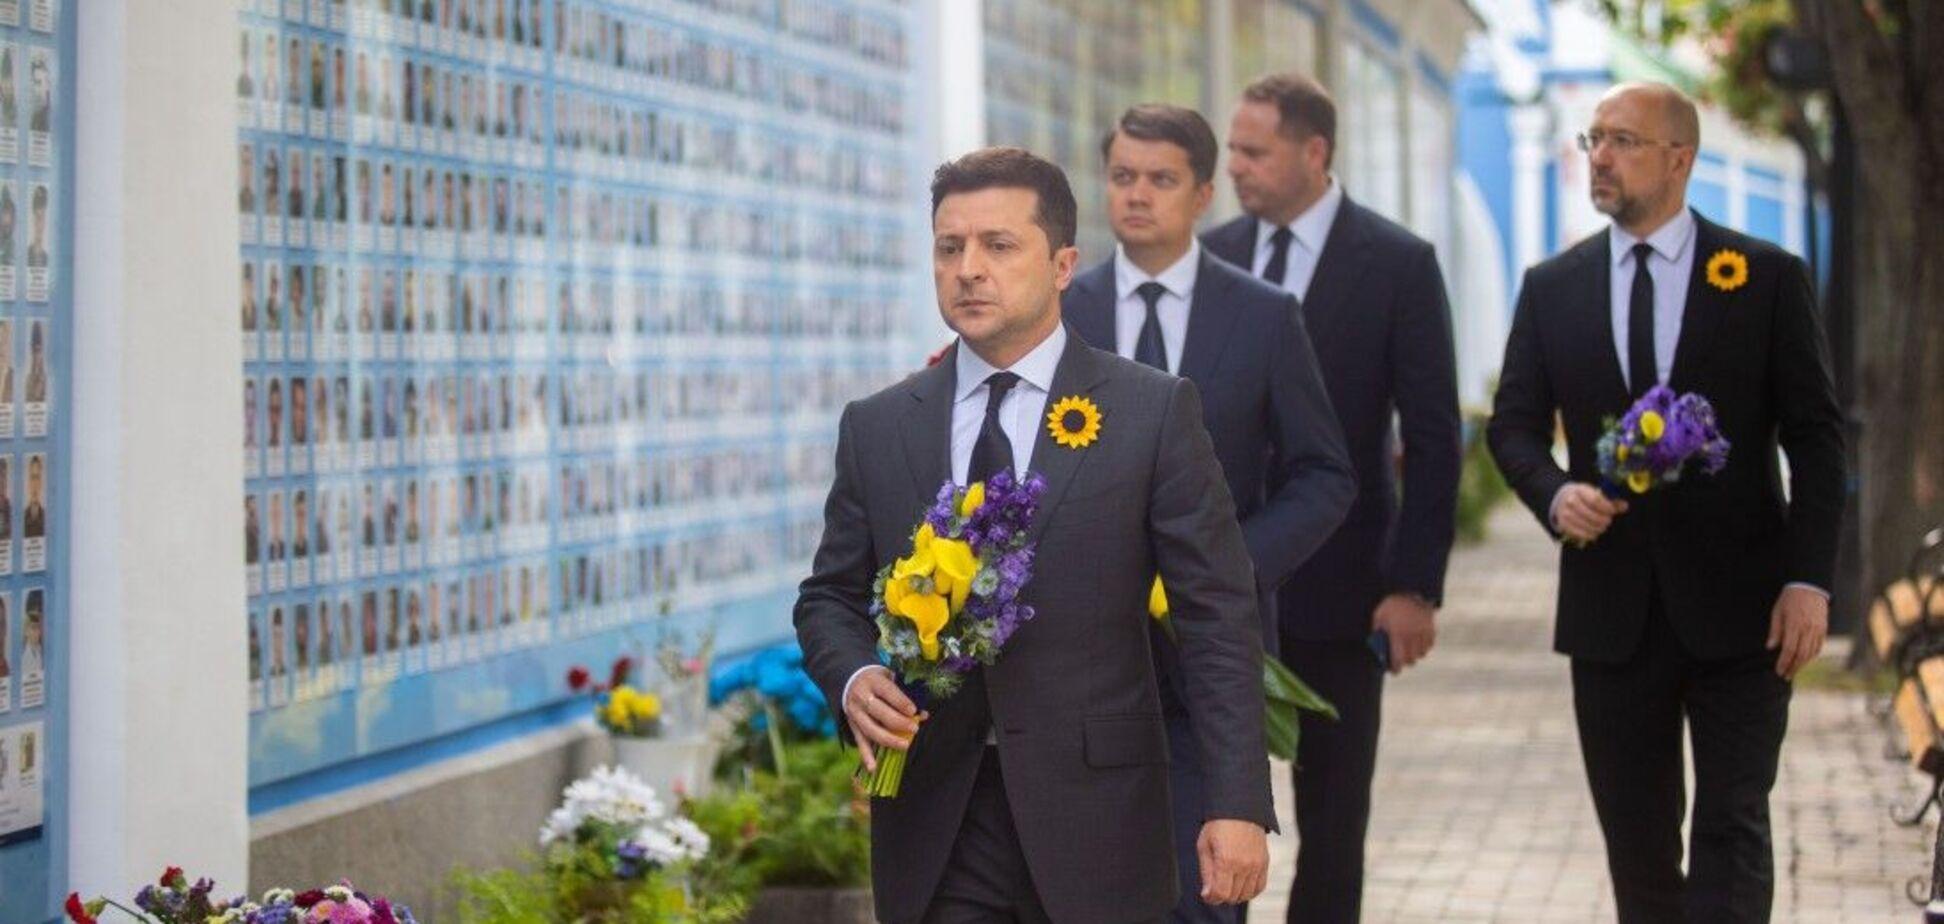 Зеленский почтил память украинских героев, погибших под Иловайском. Фото